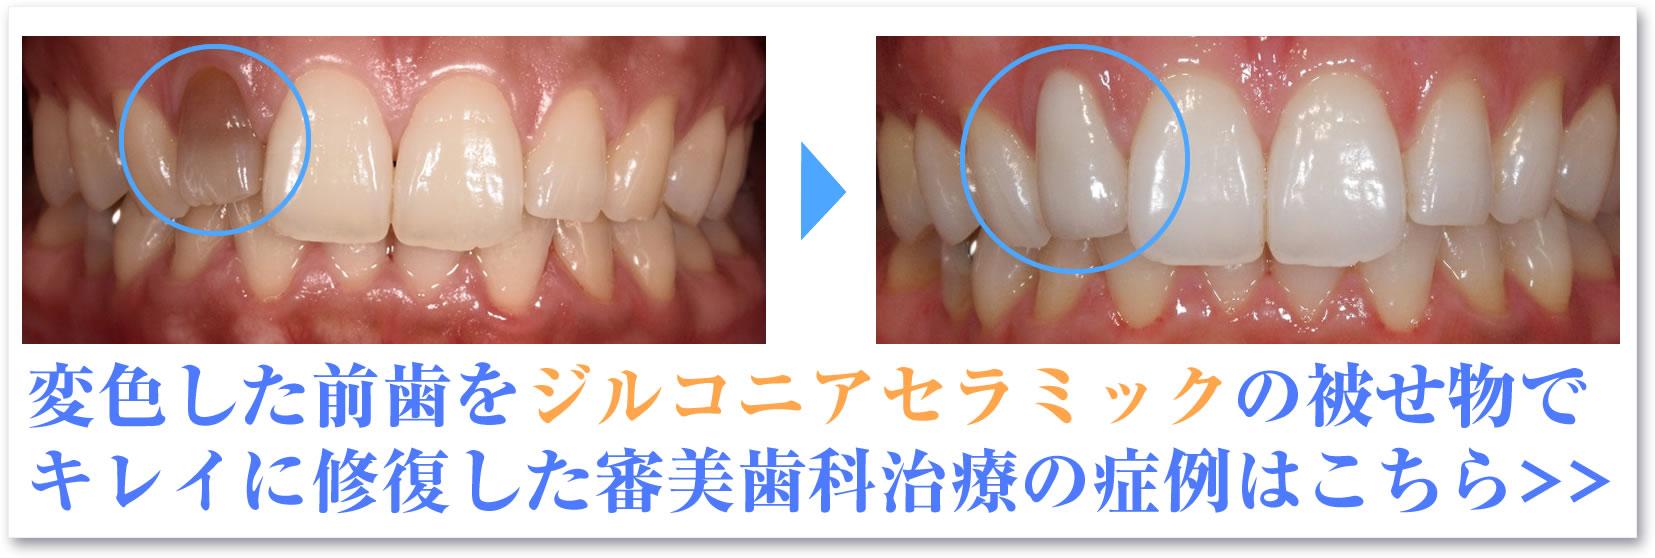 変色した前歯をジルコニアセラミックの被せ物で キレイに修復した審美歯科治療の症例はこちら>>